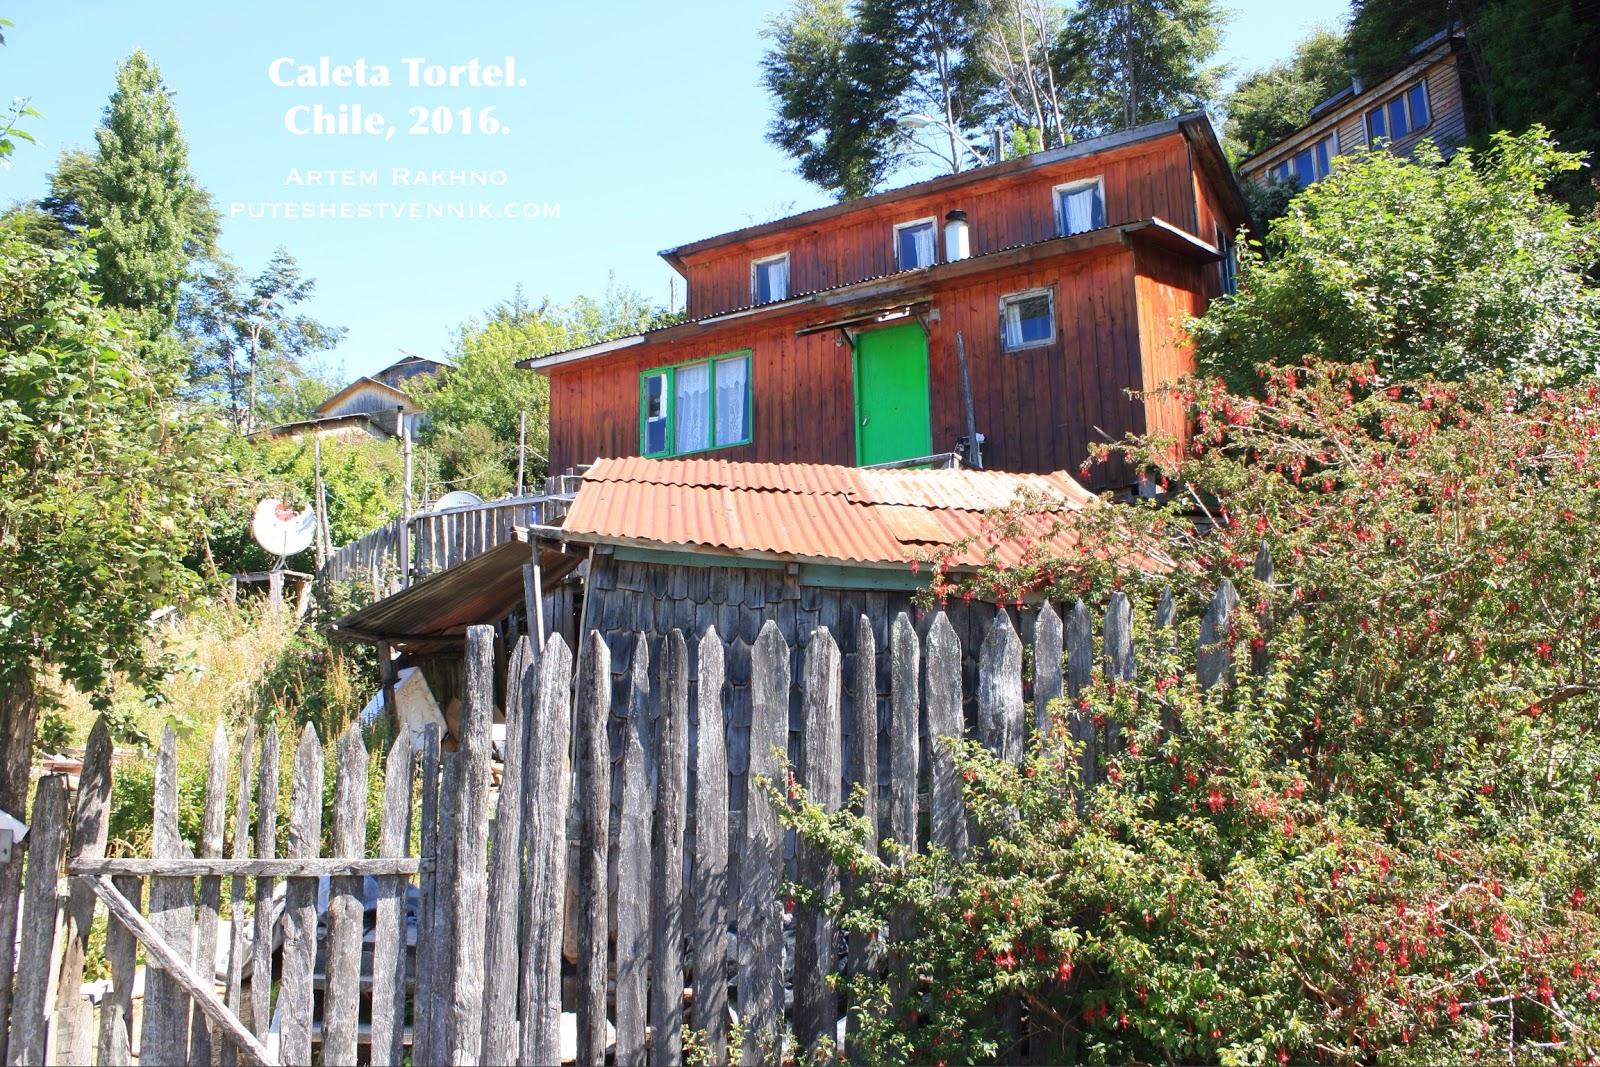 Дома жителей деревни Калета Тортел